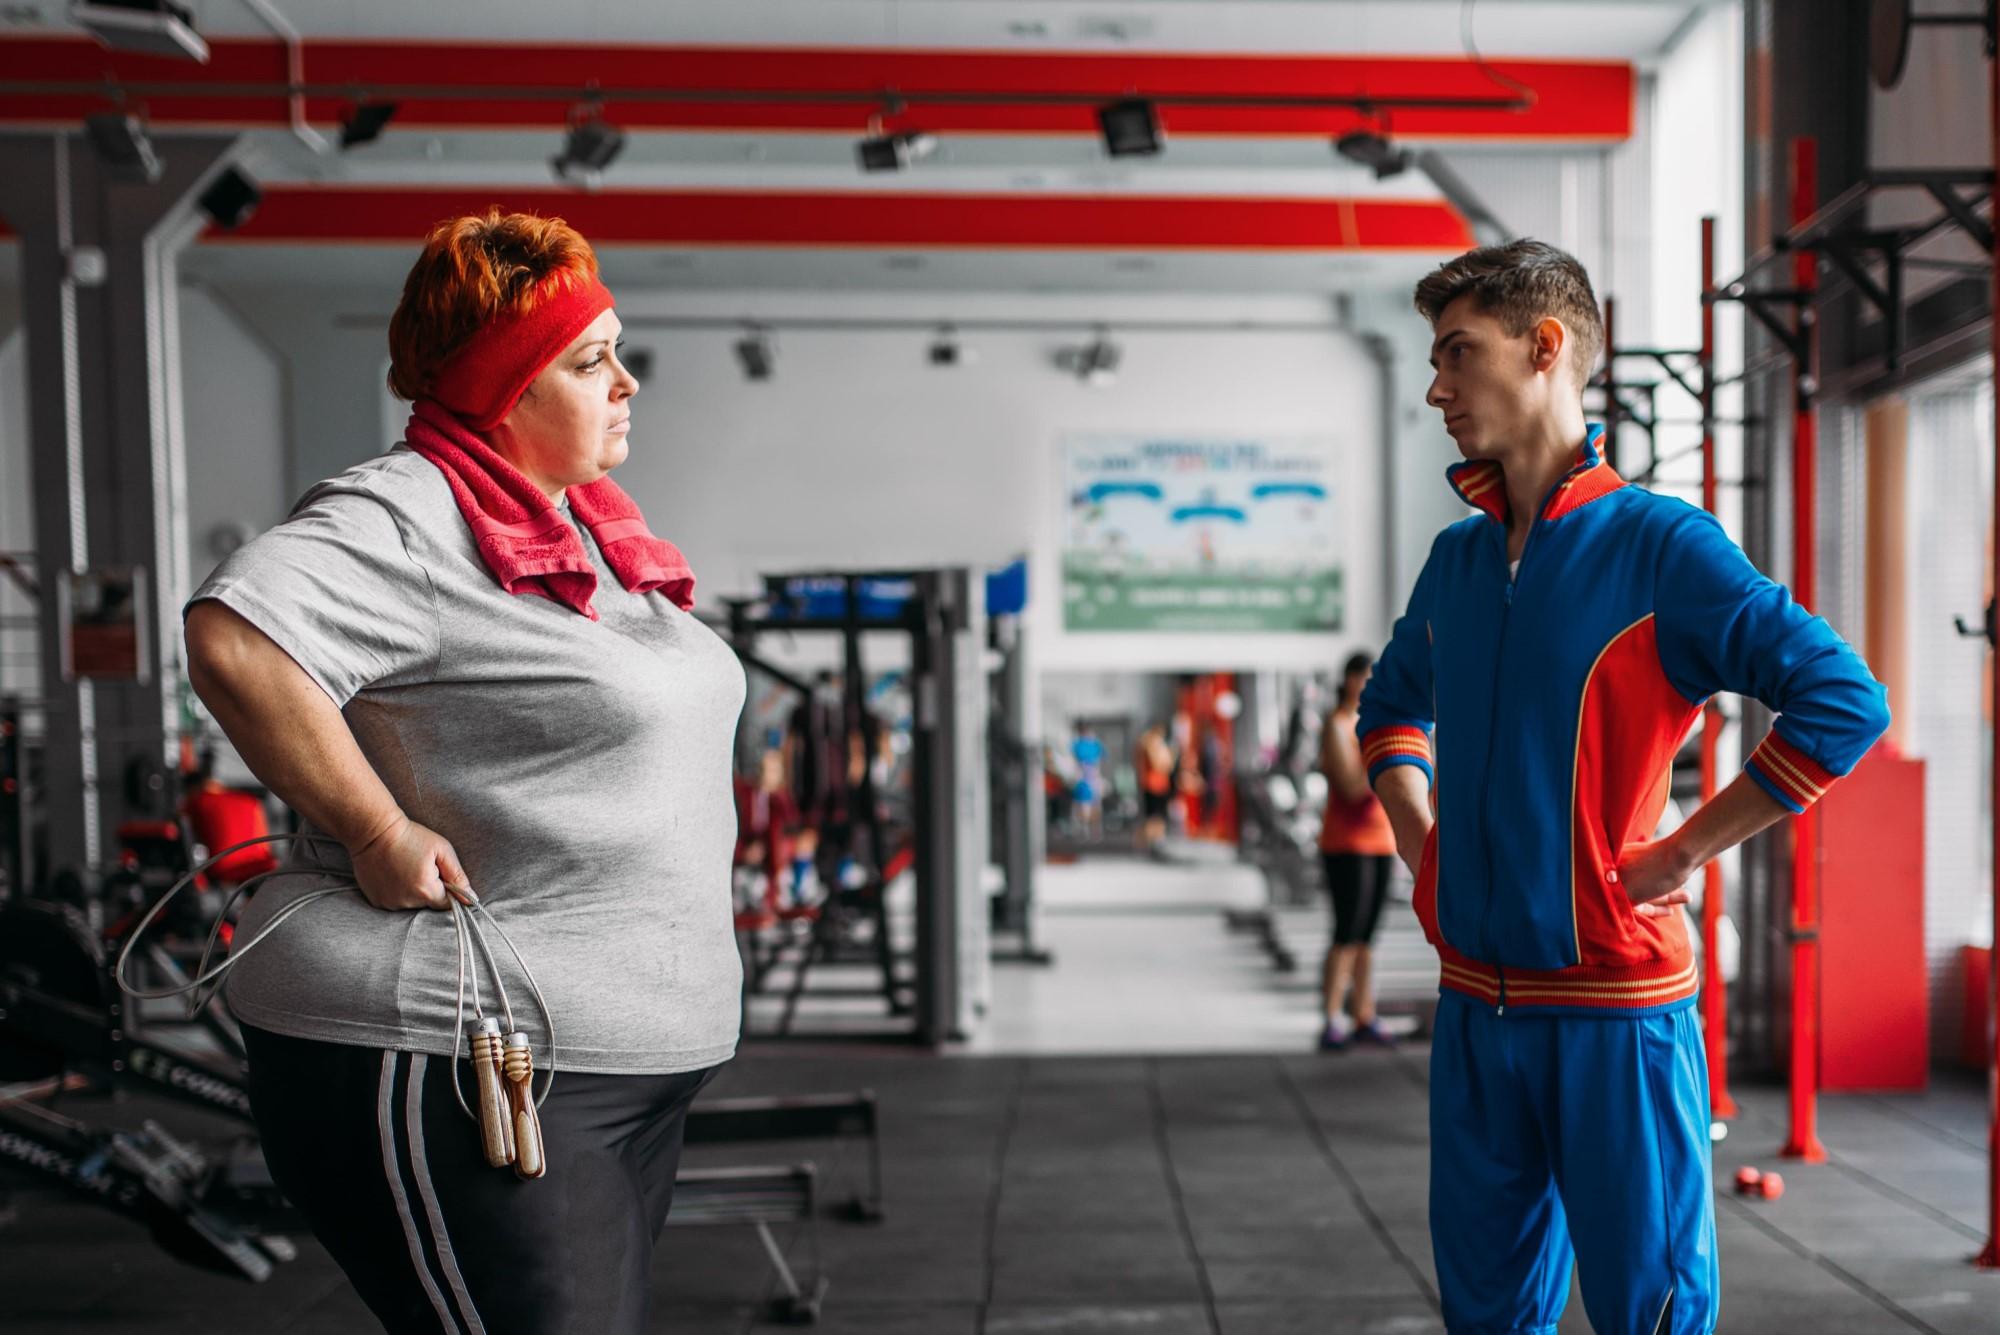 Вес и отношения или этот муж вас полнит